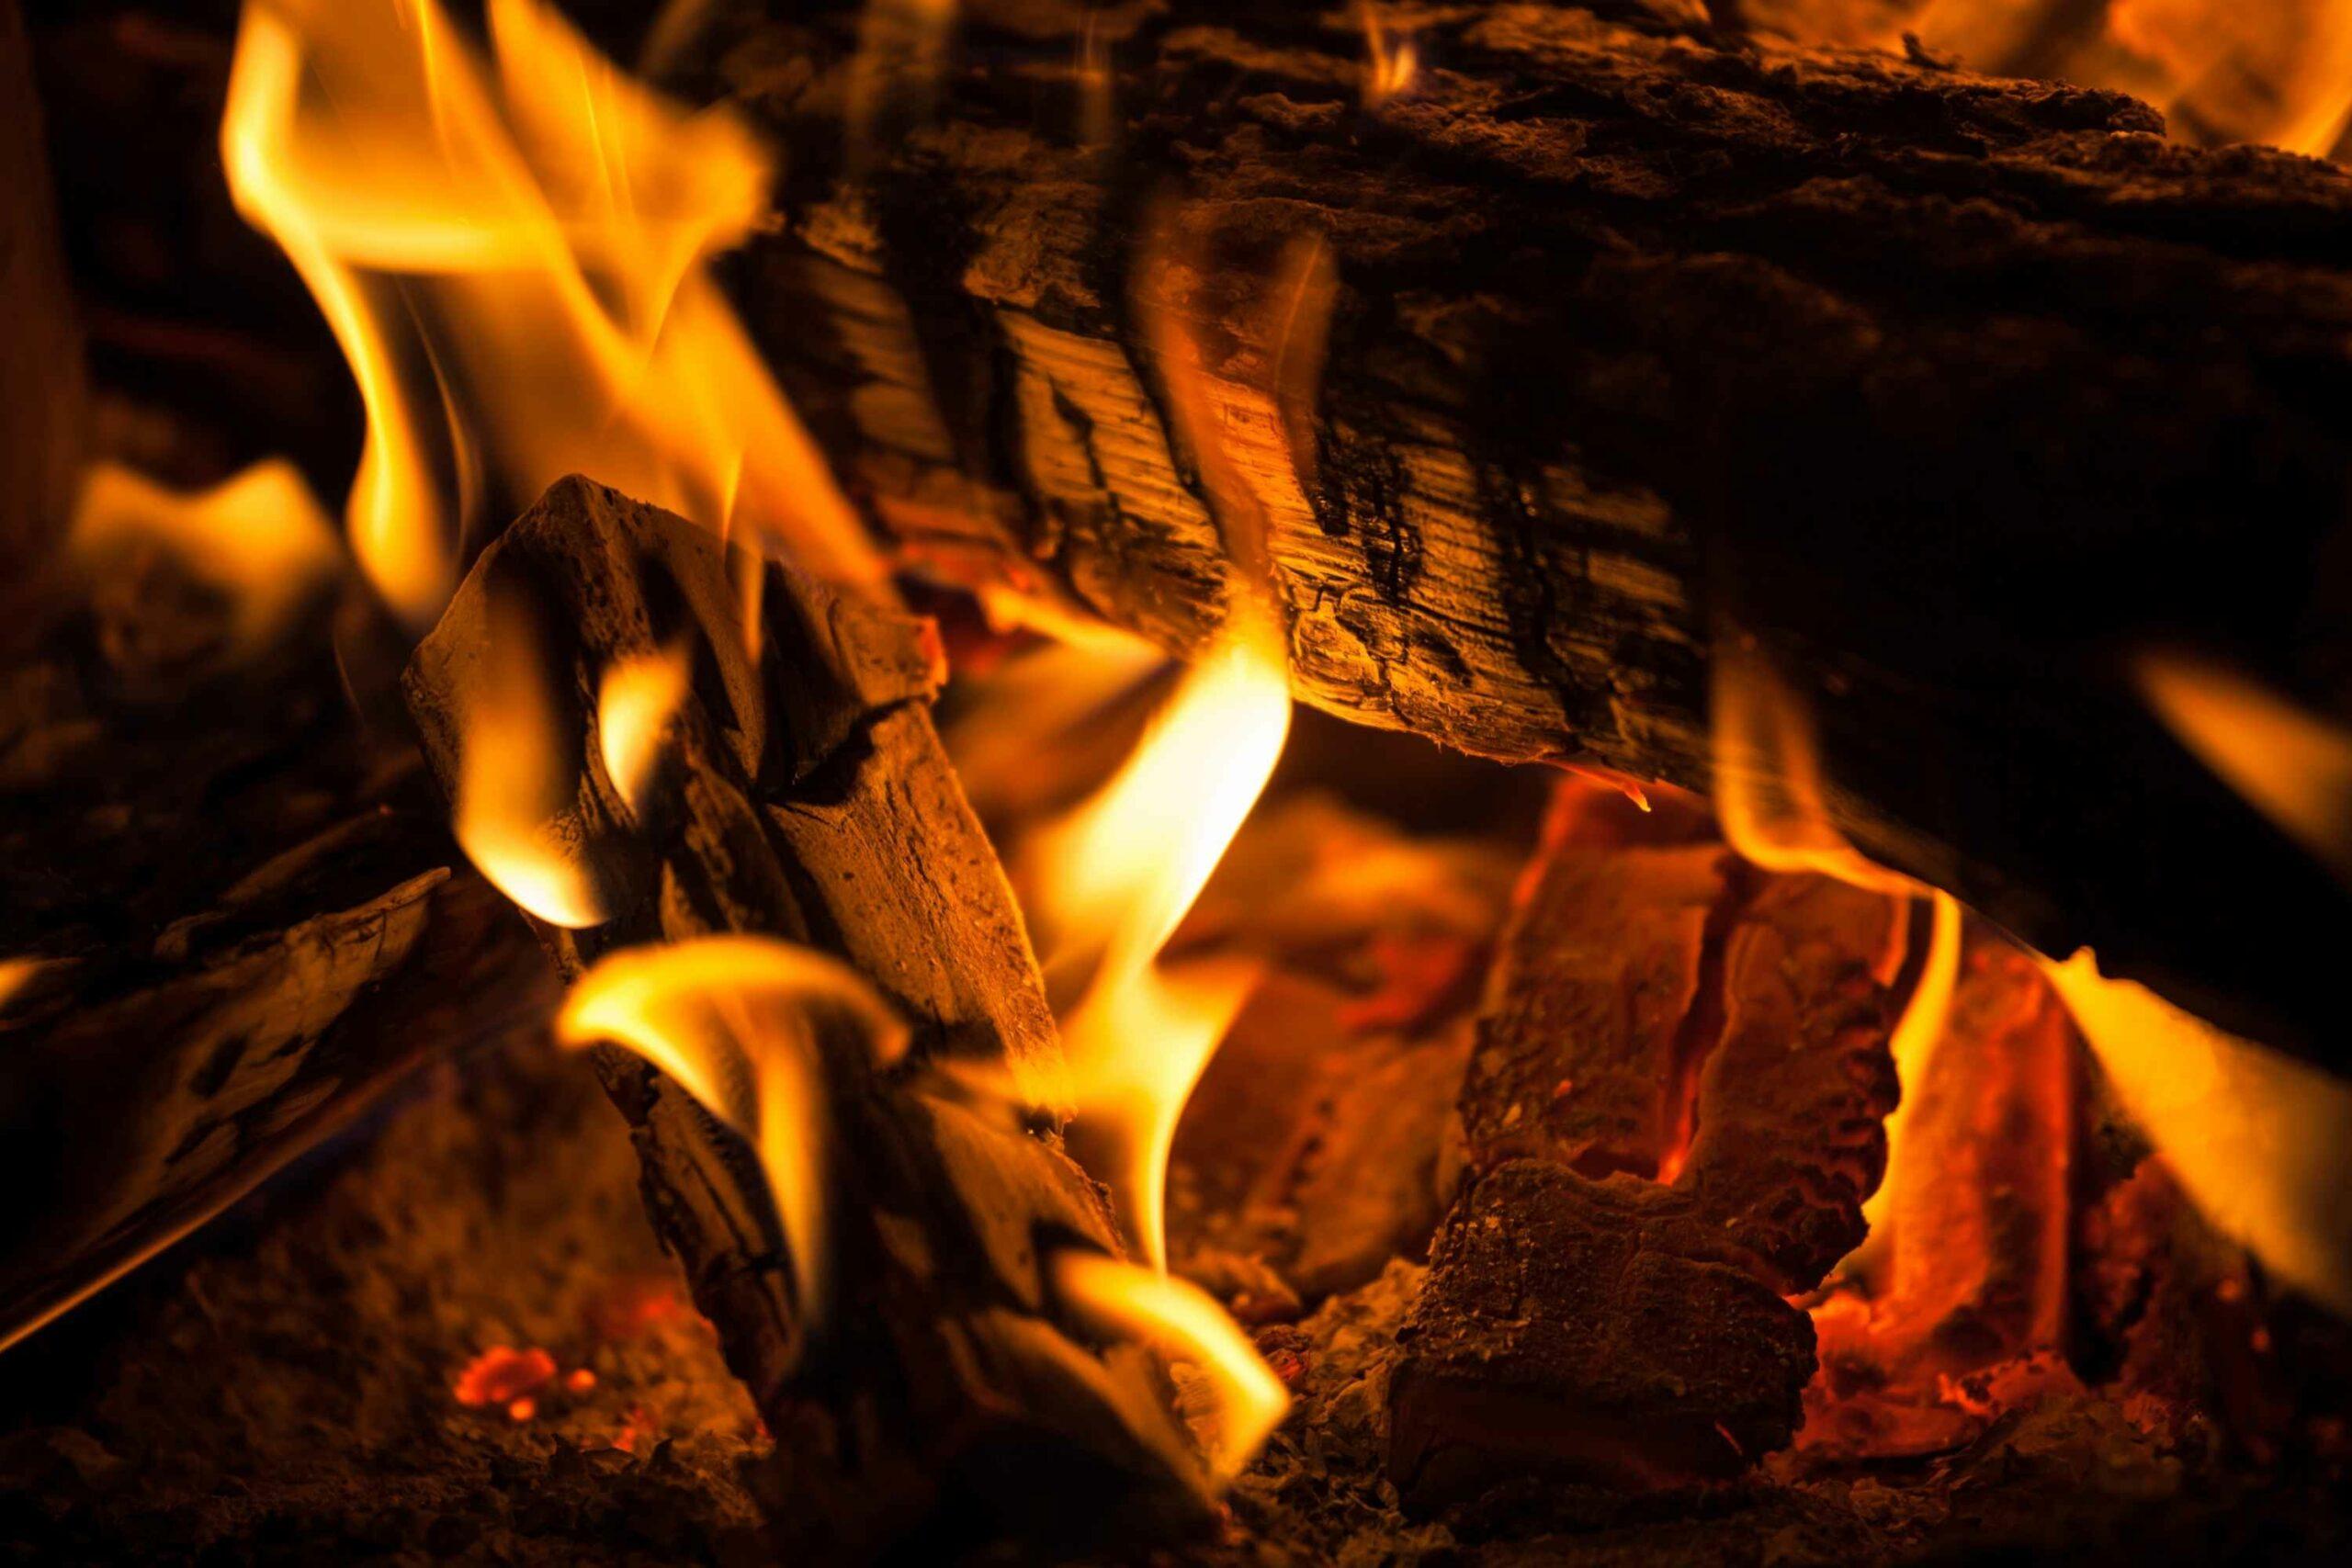 Logs Burning In Fire